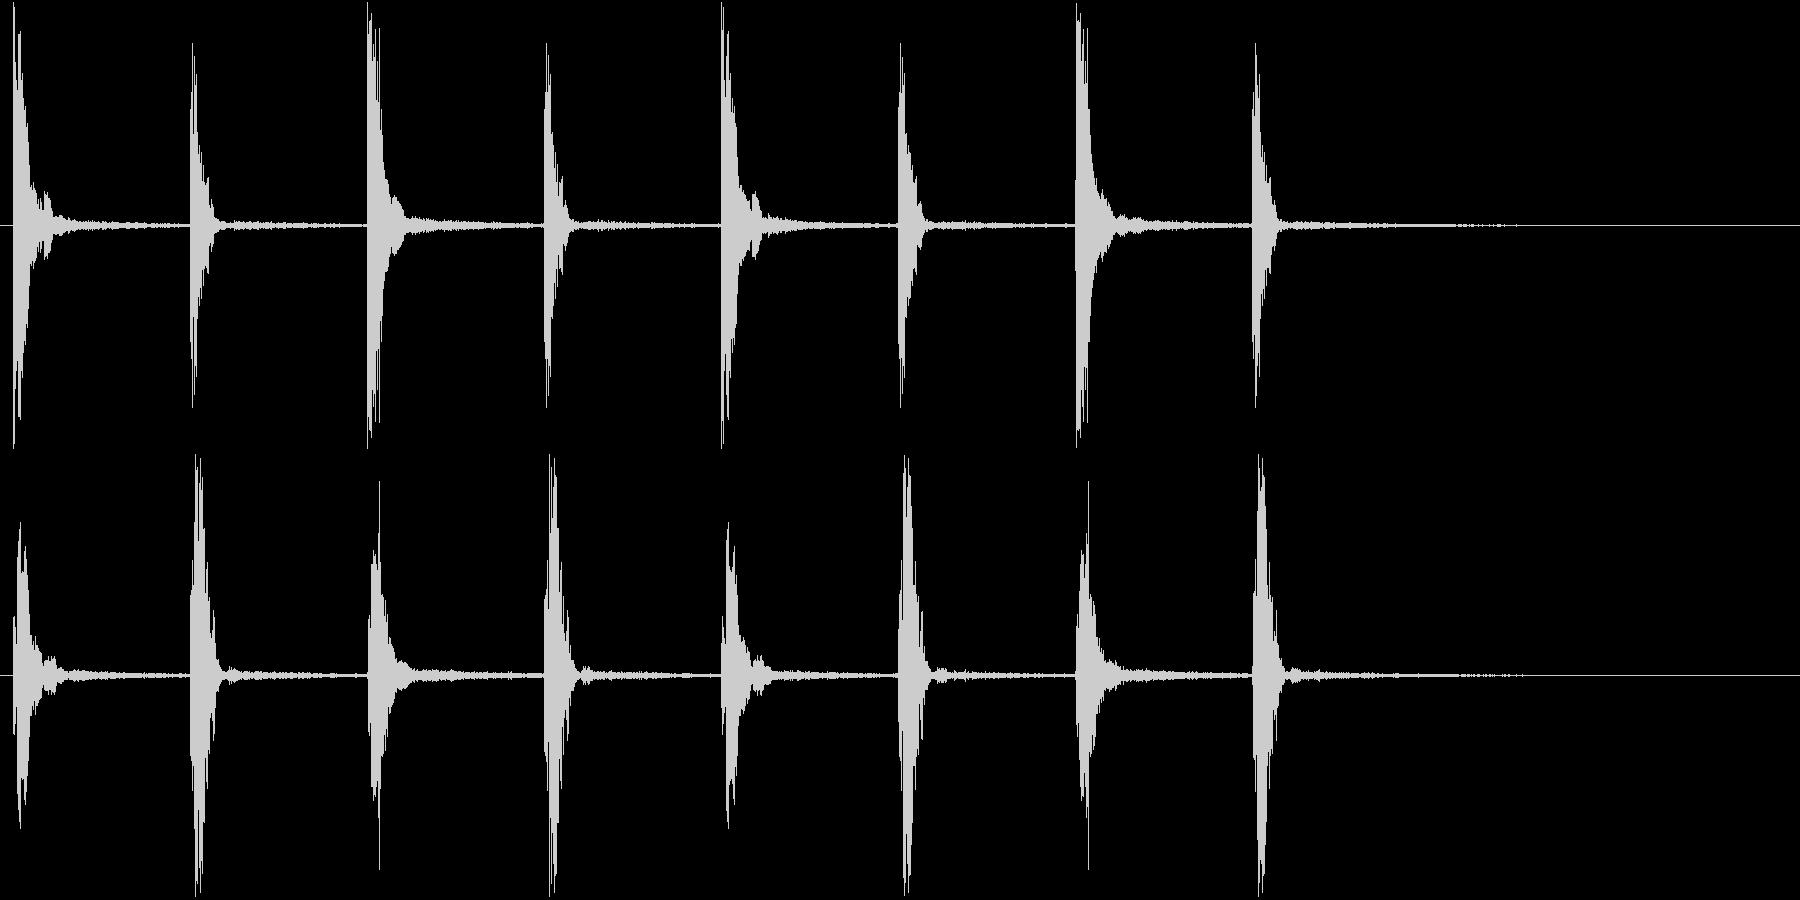 柱時計の音の未再生の波形